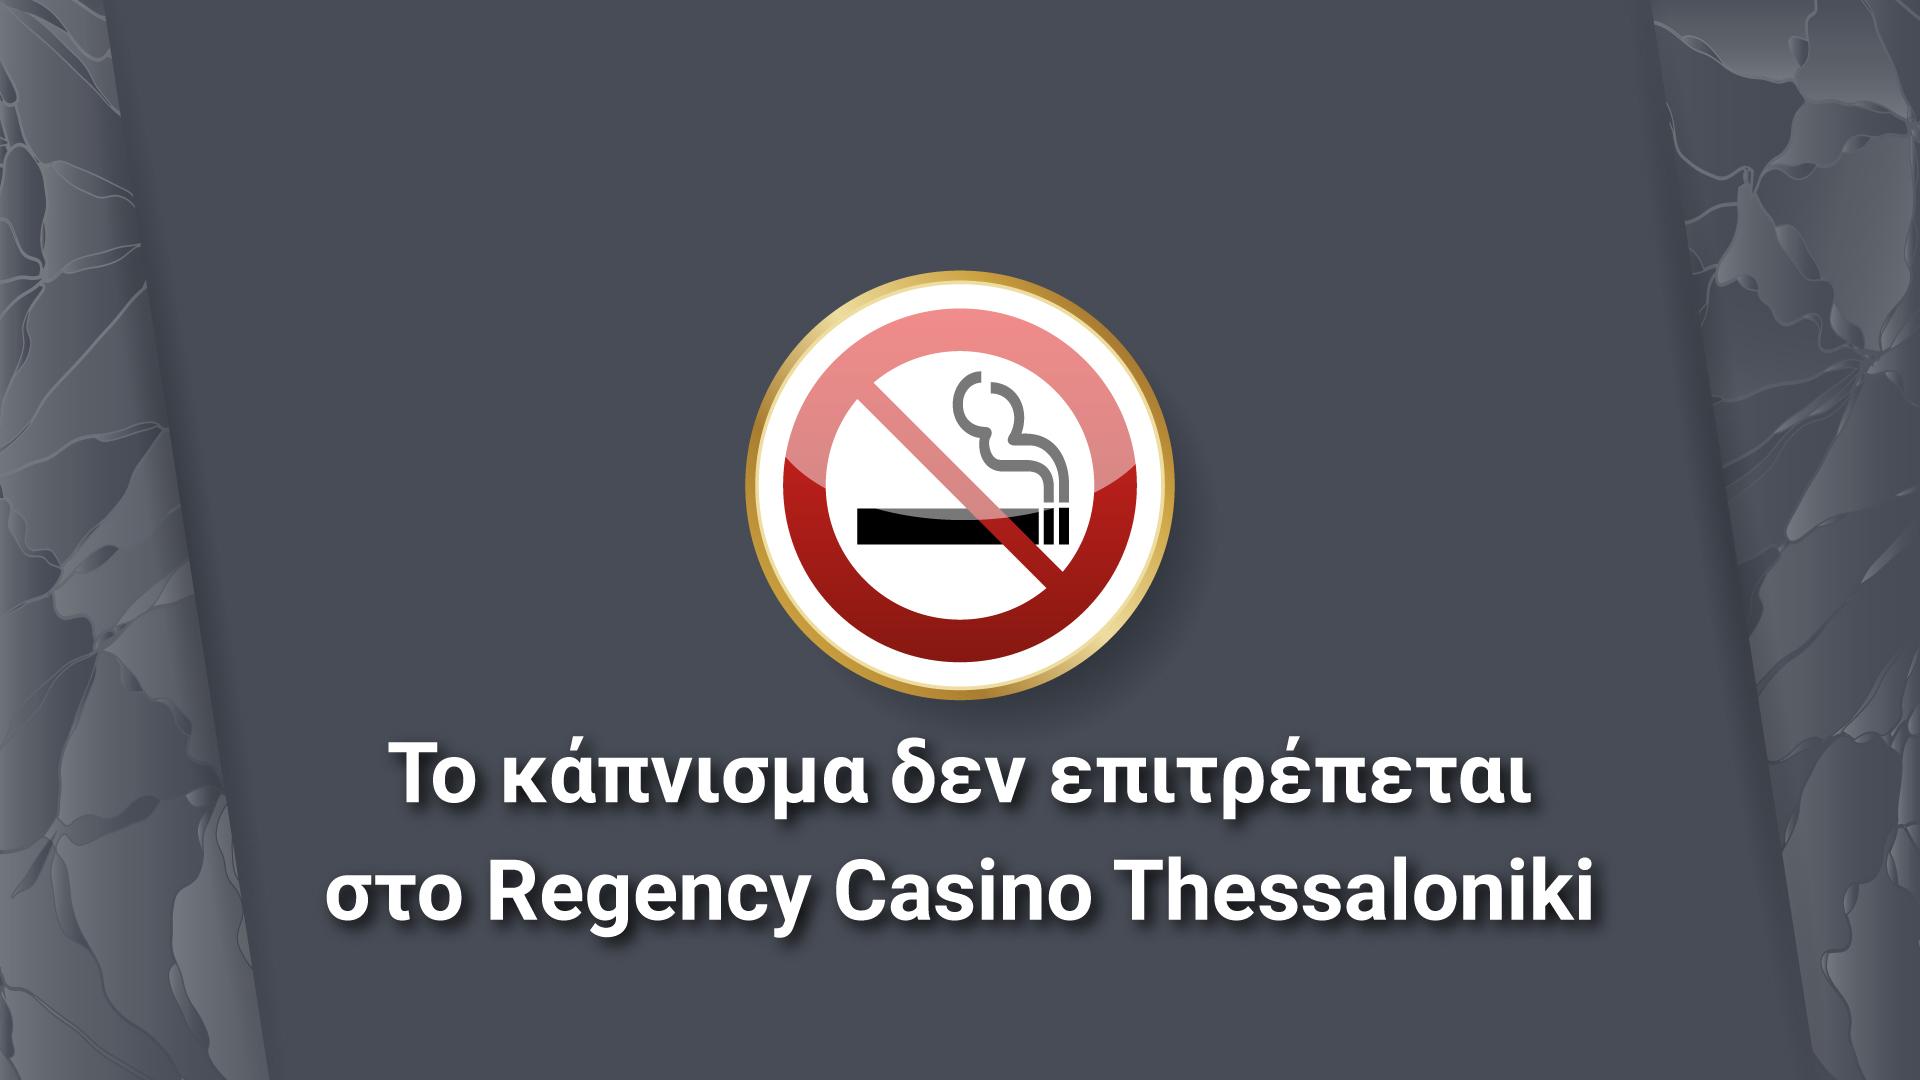 No-Smoking_Slideshow-002-01